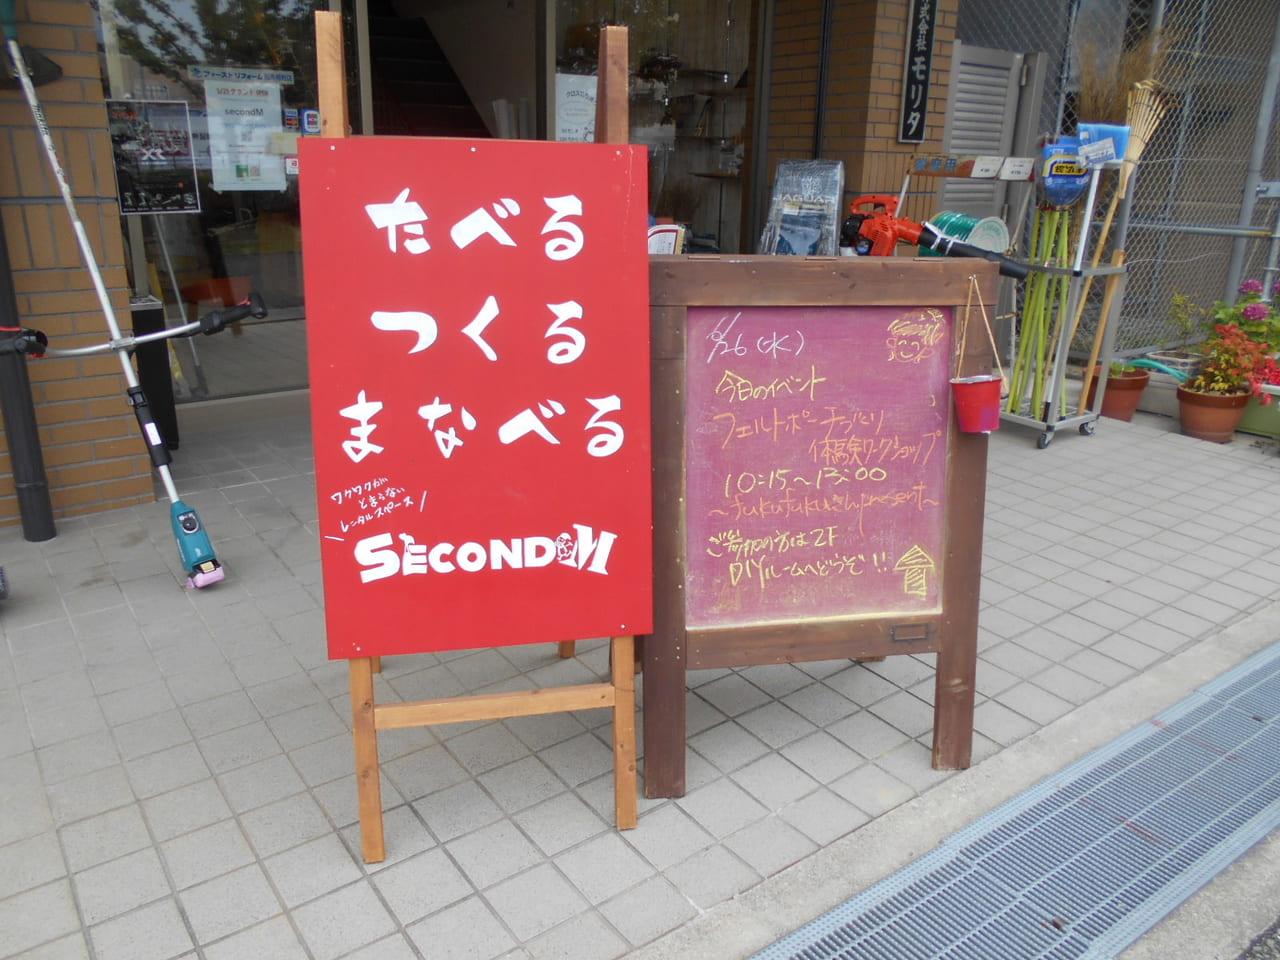 SecoundM